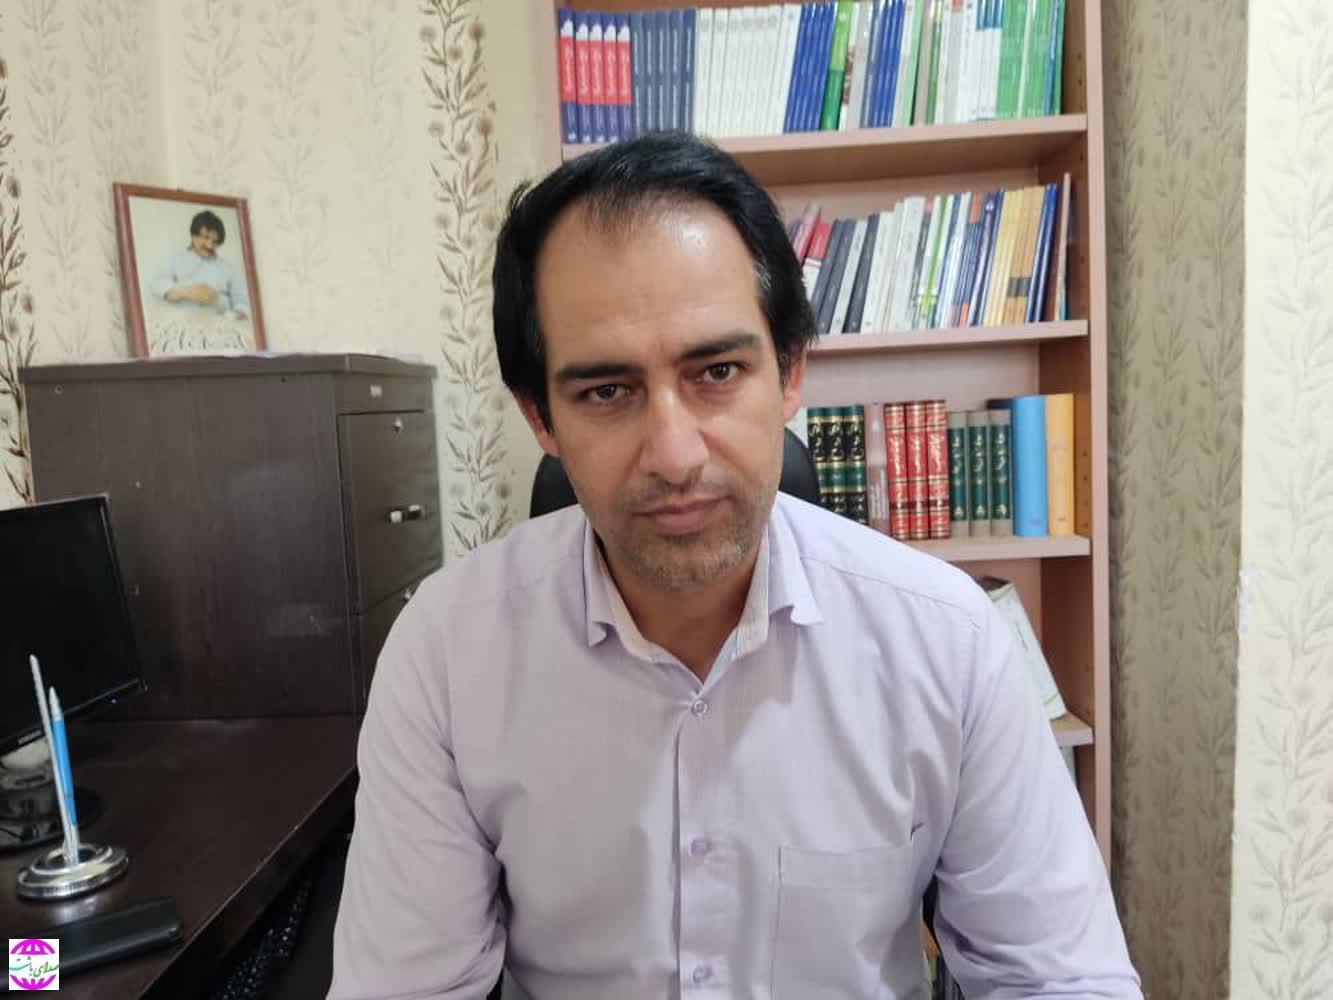 پیام تبریک رییس اداره فرهنگ و ارشاد اسلامی شهرستان باشت به مناسبت روز شهرداری و دهیاری